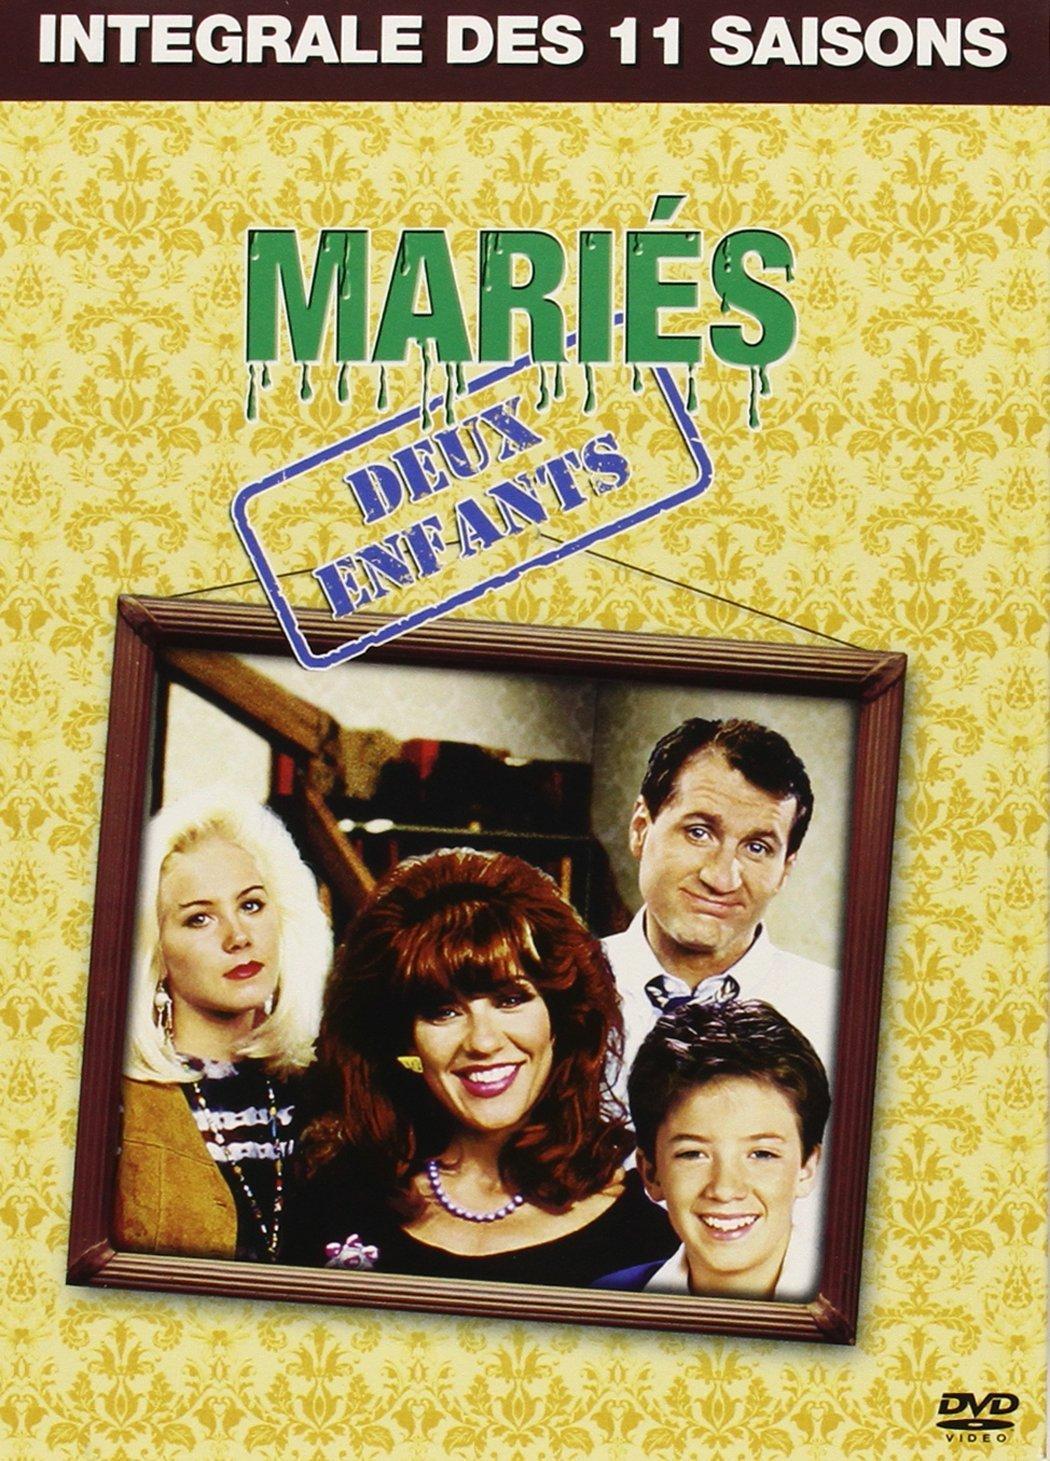 Coffret DVD Intégrale Mariés deux enfants (11 saisons)